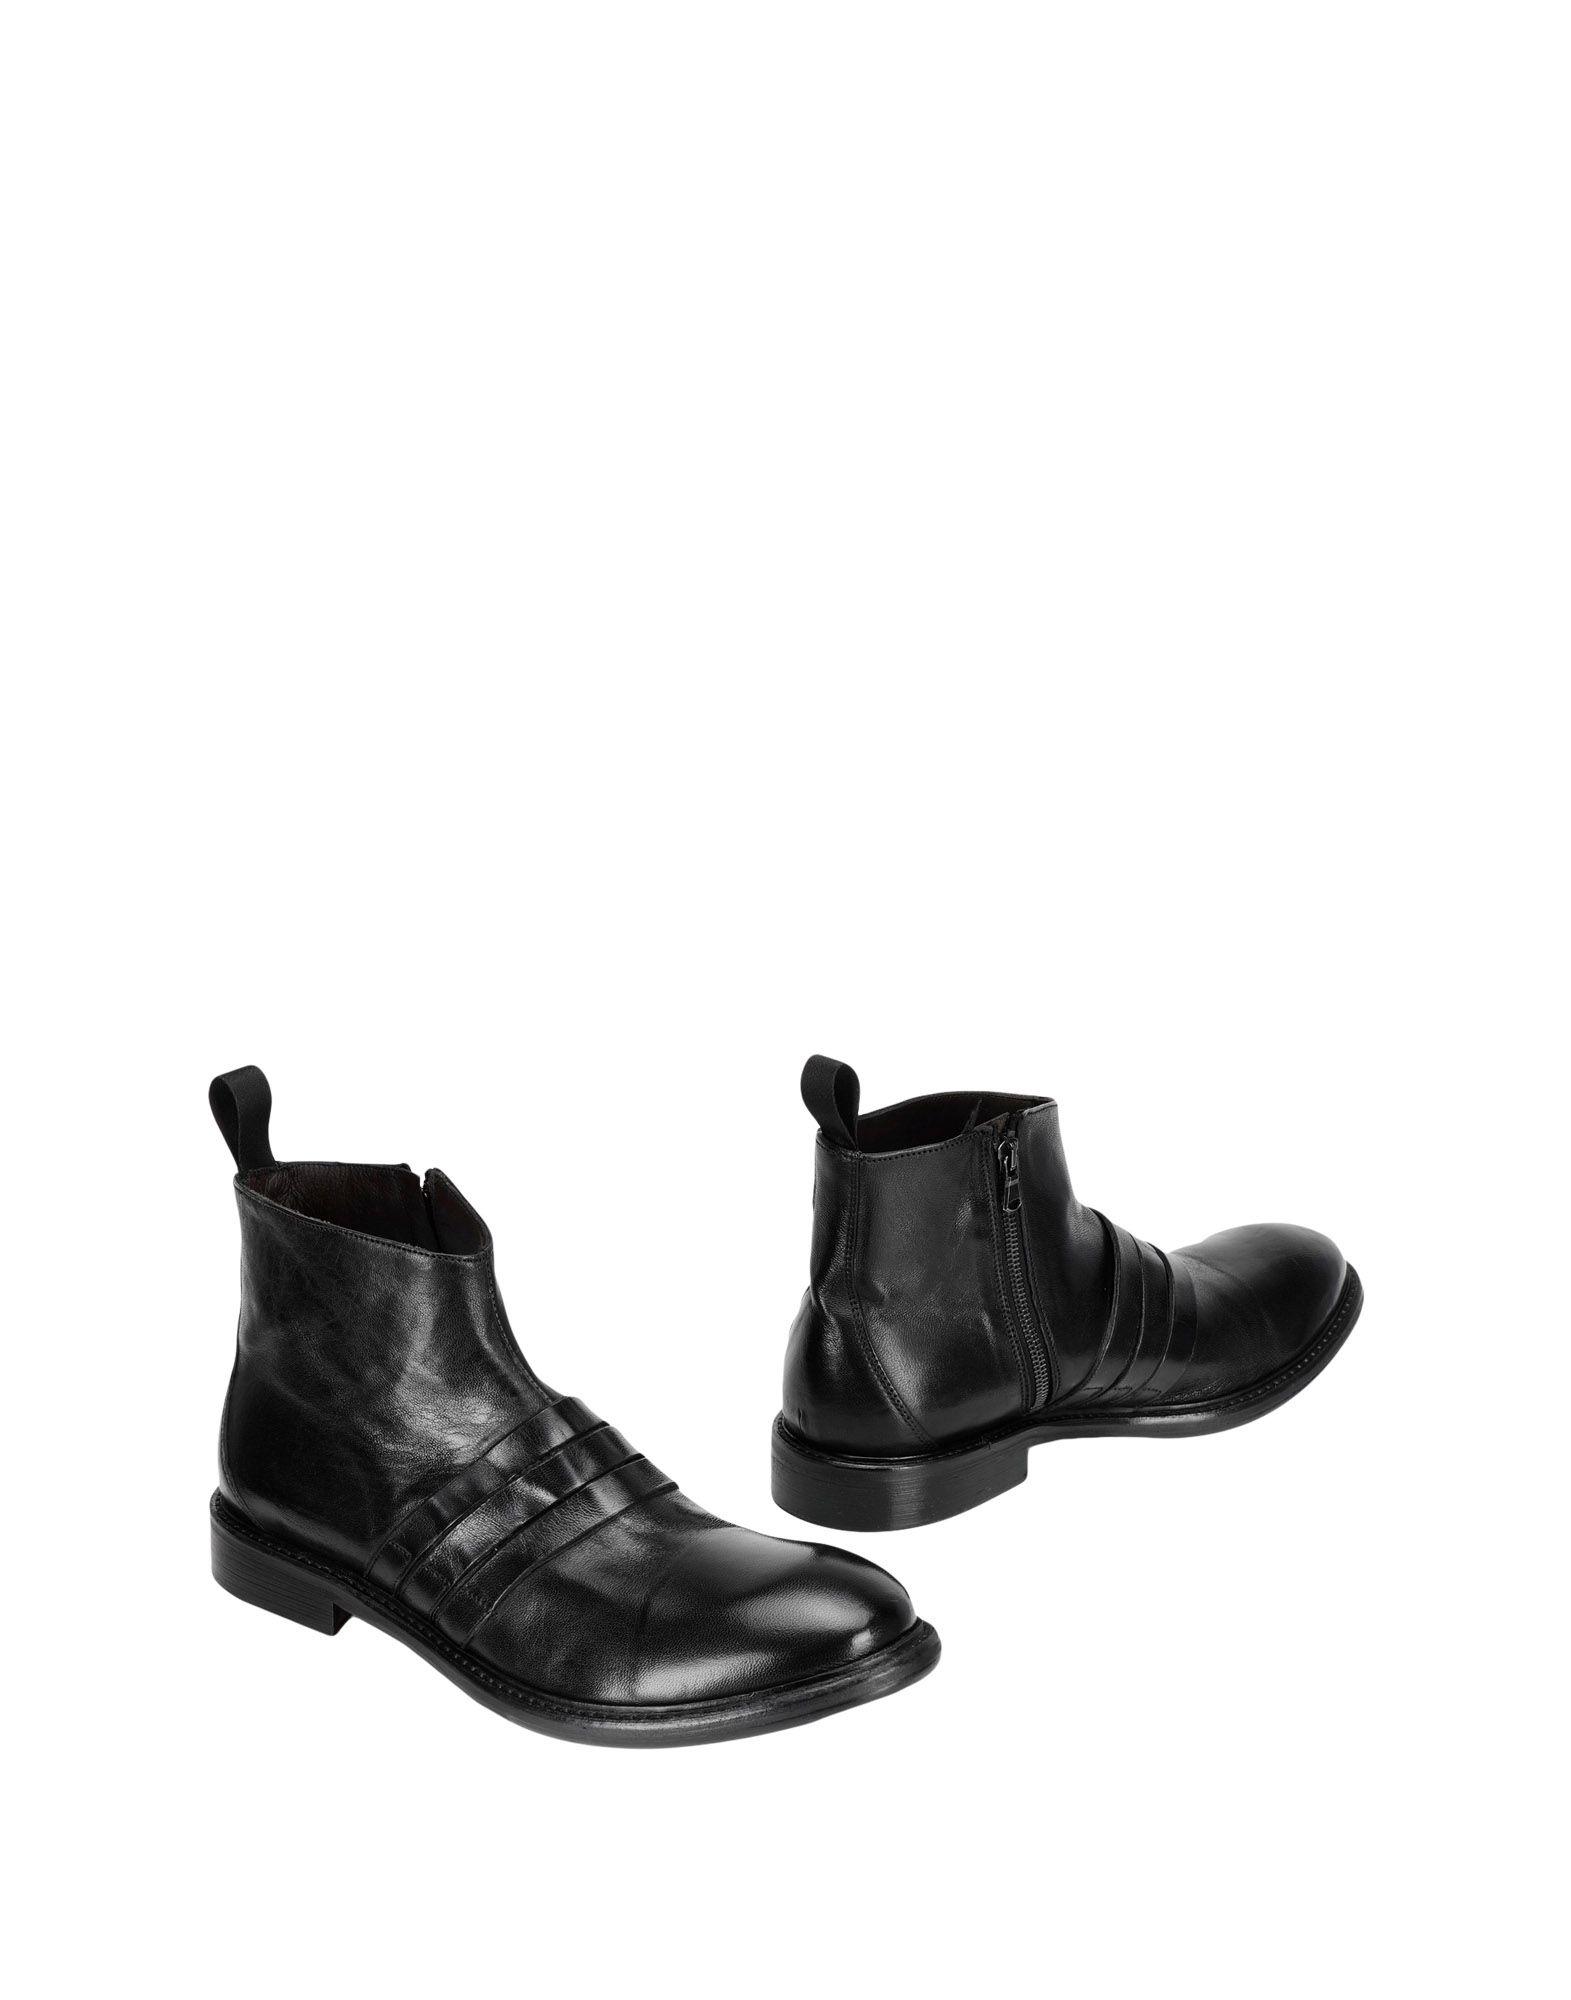 Mckanty Stiefelette Herren  11535905UB Gute Qualität beliebte Schuhe